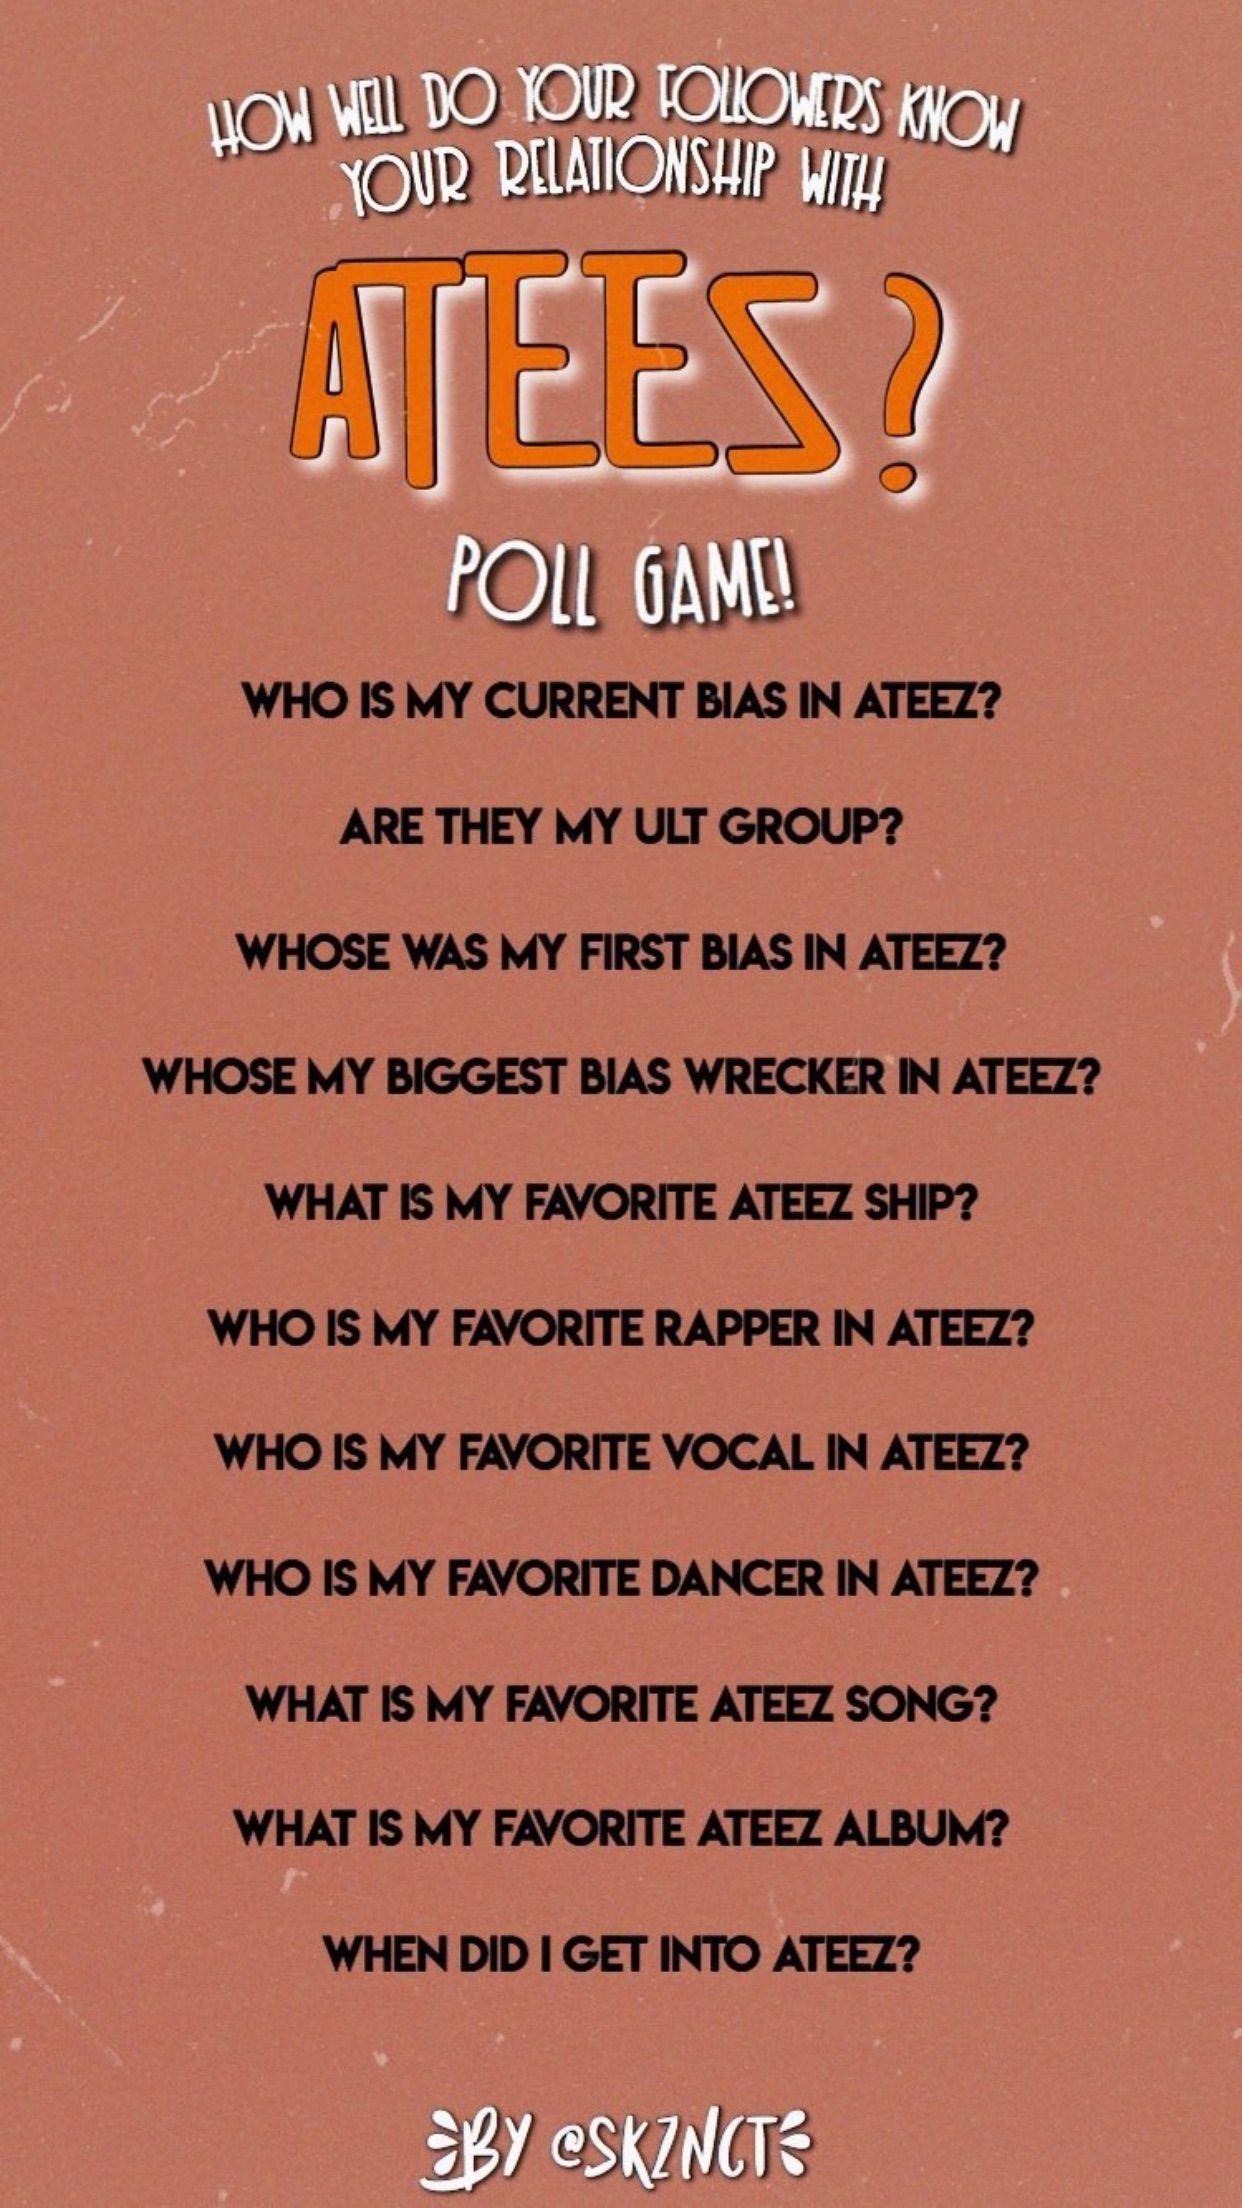 Kpop Instagram Games Kpop Nct Bts Twice Blackpink Kpopgame Wjsn Ioi Got7 Astro Loona Redvelvet Kpopgam Poll Games Kpop Quiz Instagram Questions